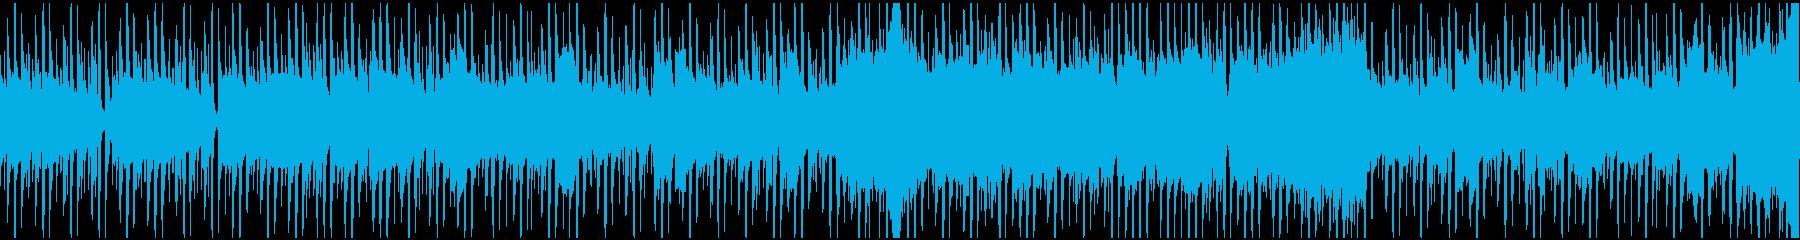 スタイリッシュ スピード感 ループの再生済みの波形